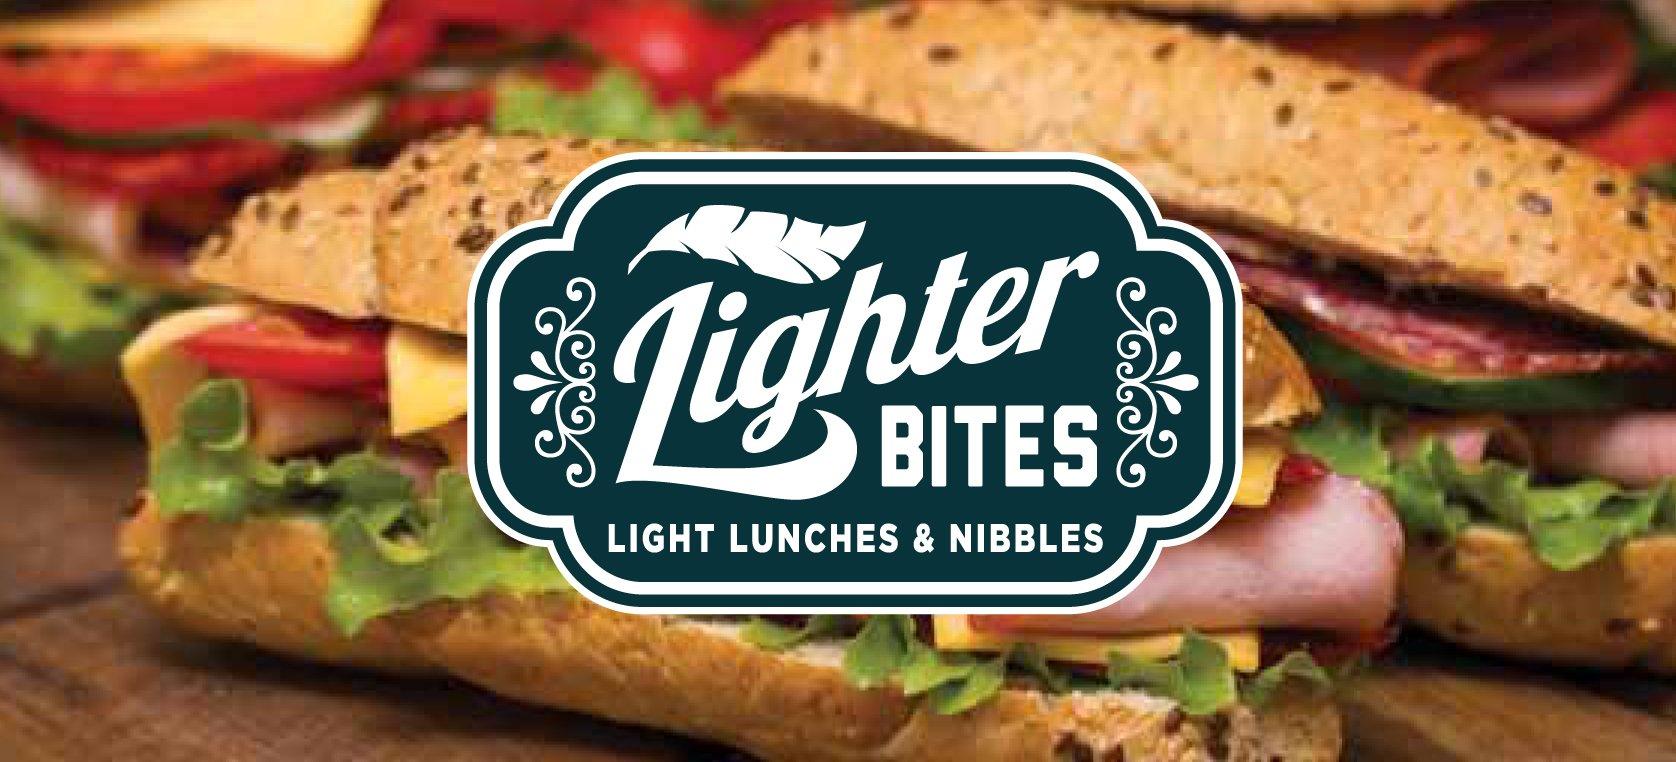 light lunch menu